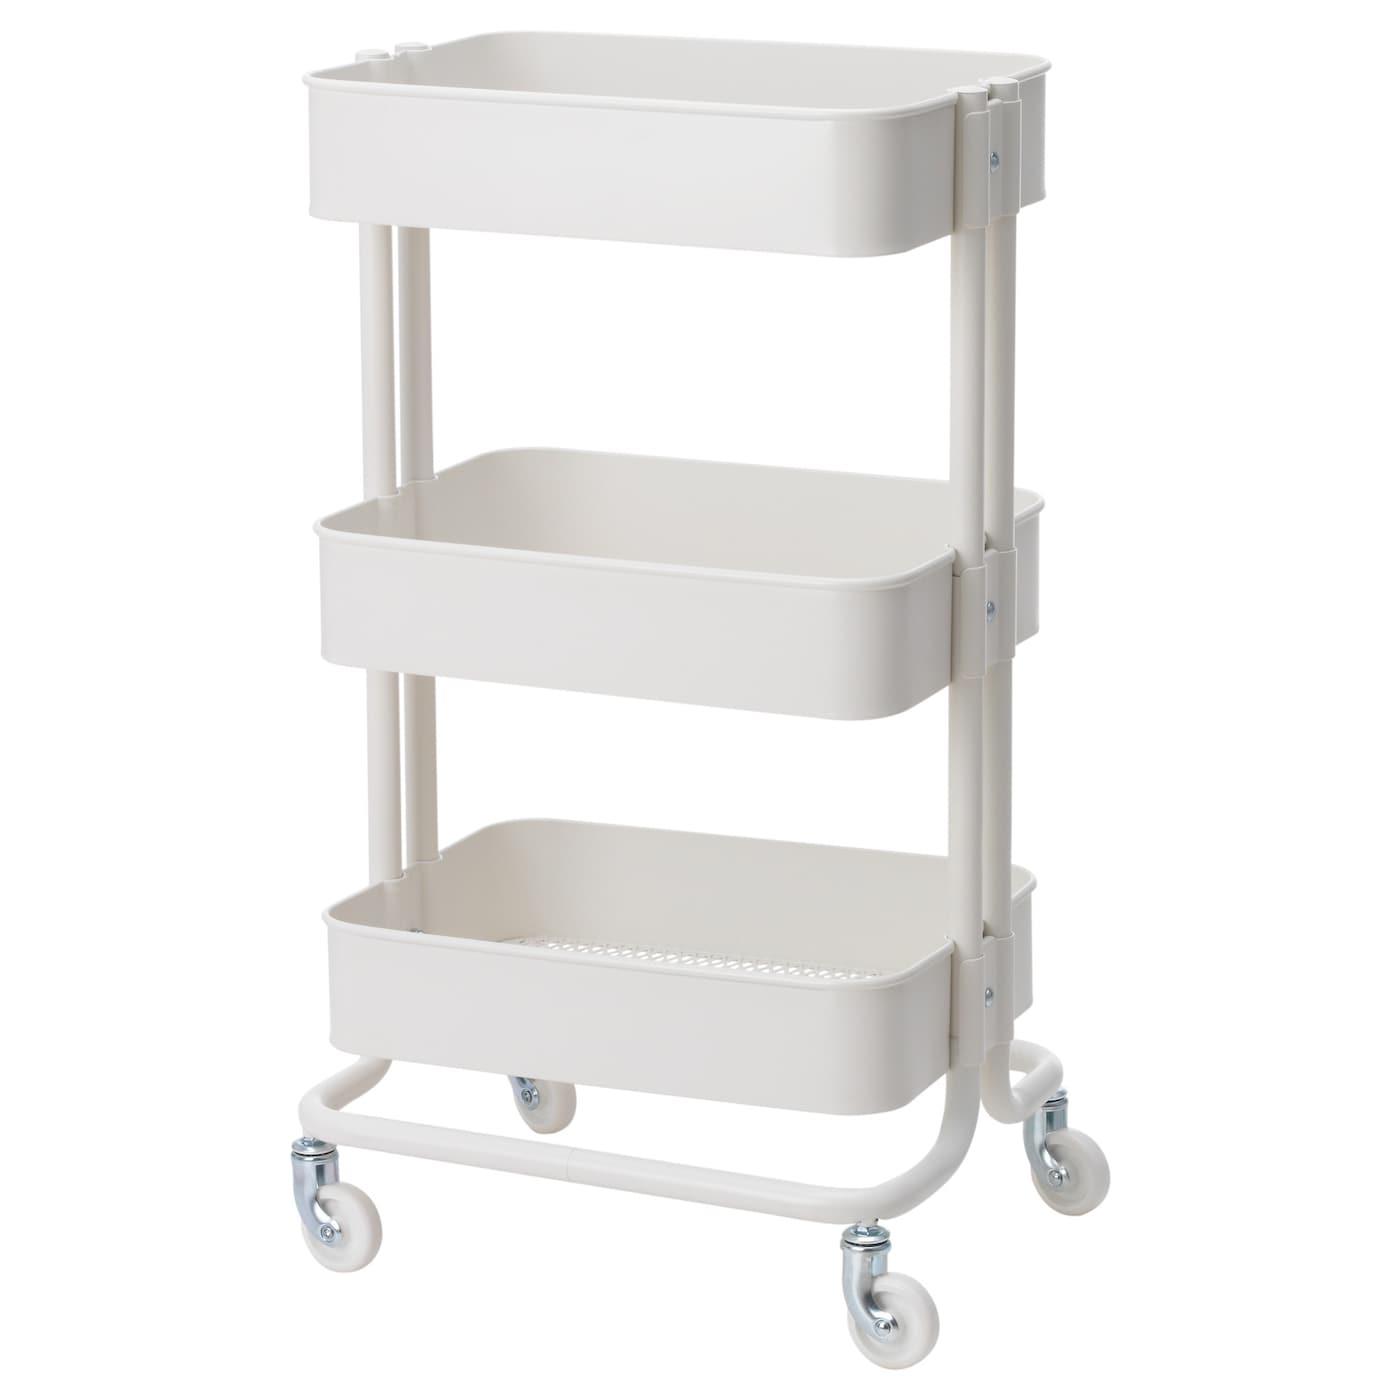 RÅSKOG Trolley - white 8x8x8 cm